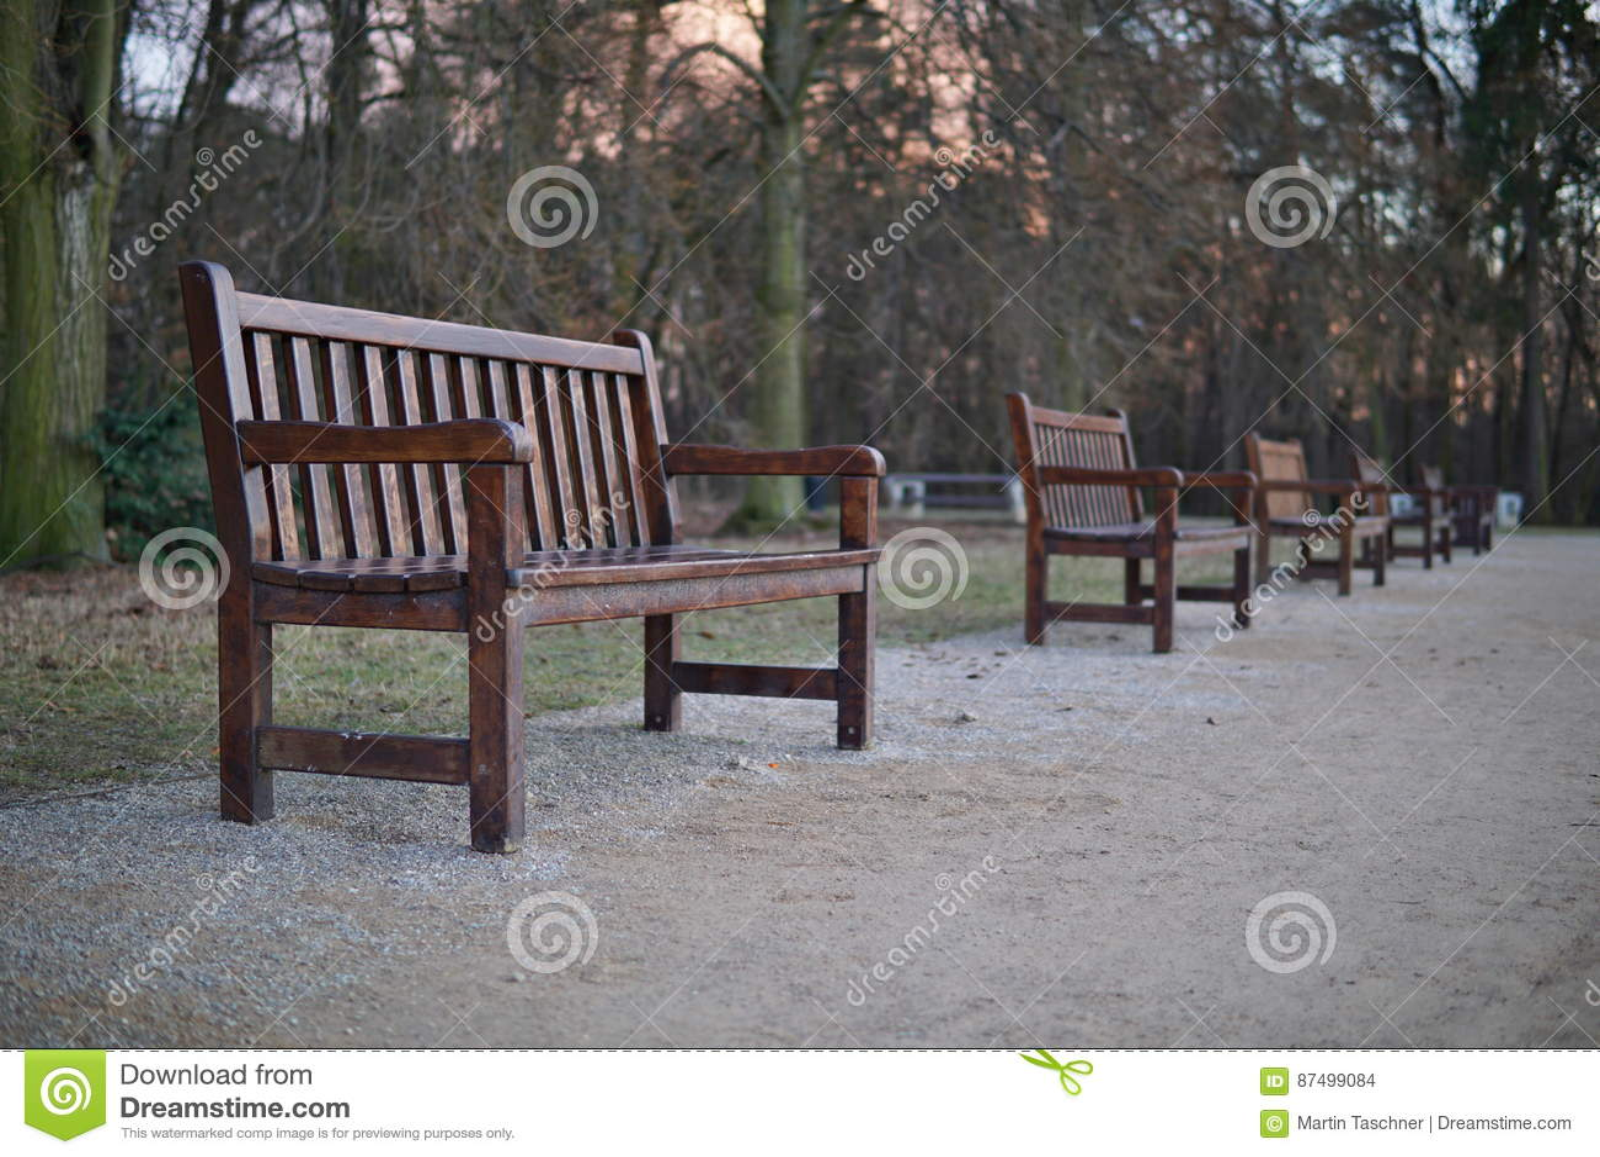 Park Als Tuin : Rij van houten banken in park als symbool van het ontspannen van